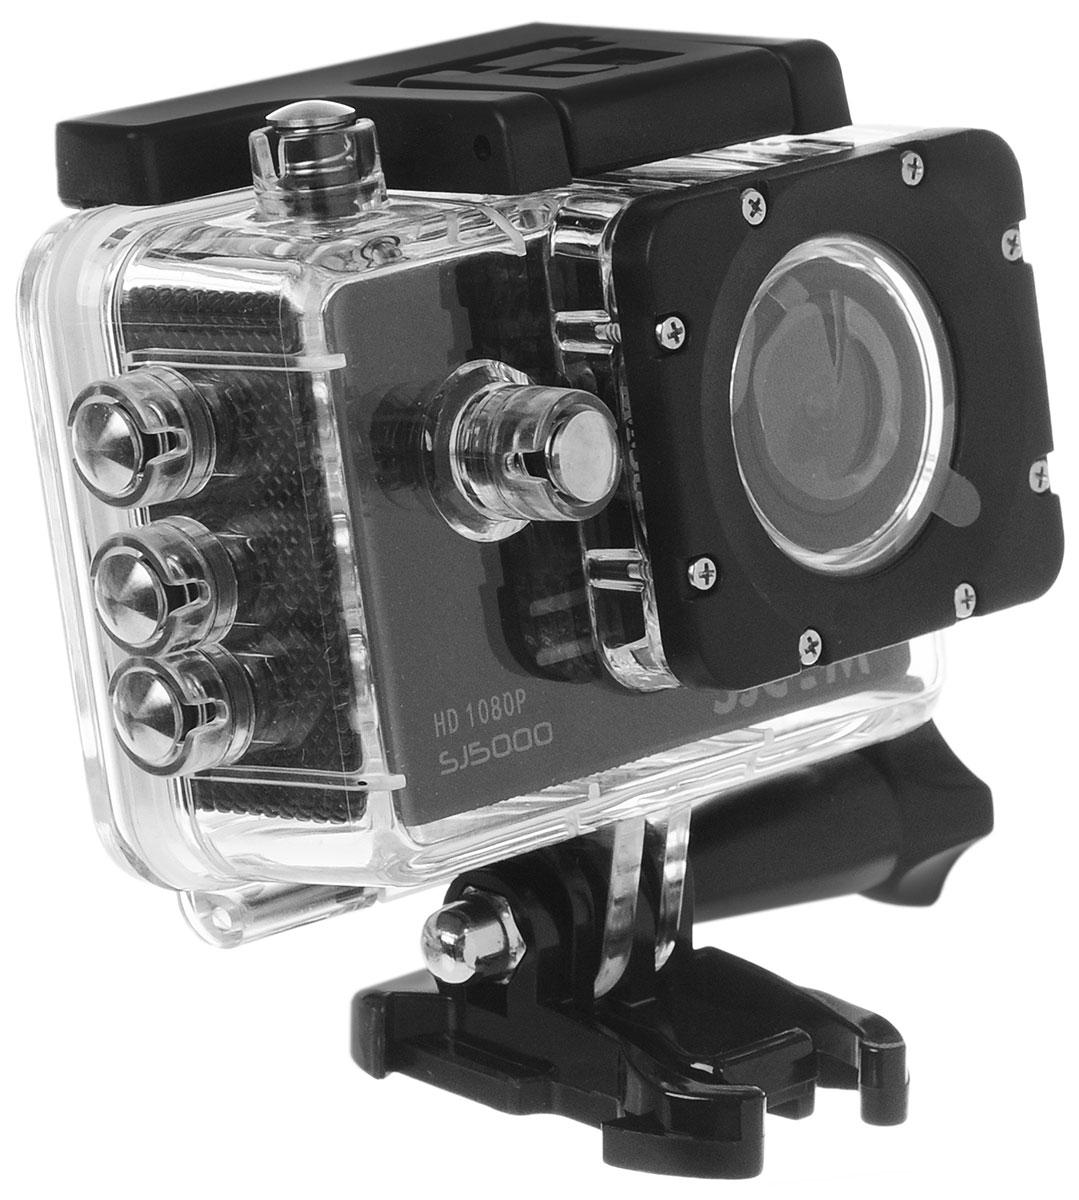 SJCAM SJ5000, Black экшн-камера00000049282SJCAM SJ5000 является продолжением новой линейки экшен камер, которую компания SJCAM представила в декабре 2014 года. Это многофункциональная экшн-камера обладает высоким качеством не только фото и видео съёмки, но и самого материала. Прочная водонепроницаемая конструкция делает её просто незаменимой в экстремальном отдыхе и спорте. Благодаря режиму цейтаоферной съёмки камера может сжимать многочасовые события (например, расцветающую розу) до нескольких секунд. Теперь восход солнца после съёмки произойдёт прямо на глазах ваших друзей! SJCAM SJ5000 может быть использована в качестве видеорегистратора благодаря возможности циклической записи. Для этого разместите её на стекле автомобиля с помощью специального крепления и нажмите на кнопку записи. Данную модель можно использовать и в качестве Full HD веб-камеры. Всё, что необходимо сделать - это подключить SJCAM к компьютеру через кабель USB и запустить Skype. SJCAM SJ5000...